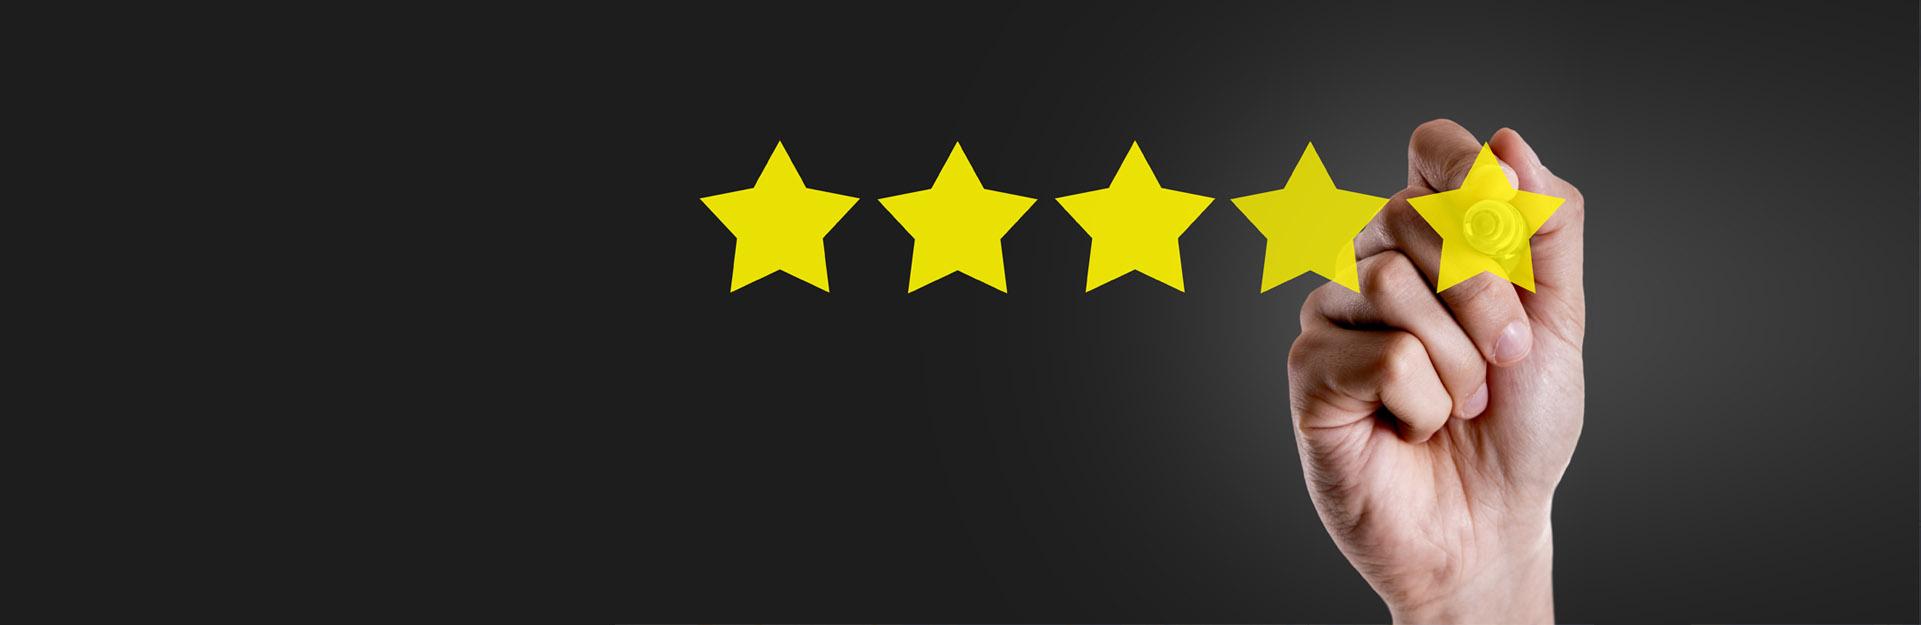 We-Buy-Cars-Baltimore-5-Star-Reviews2